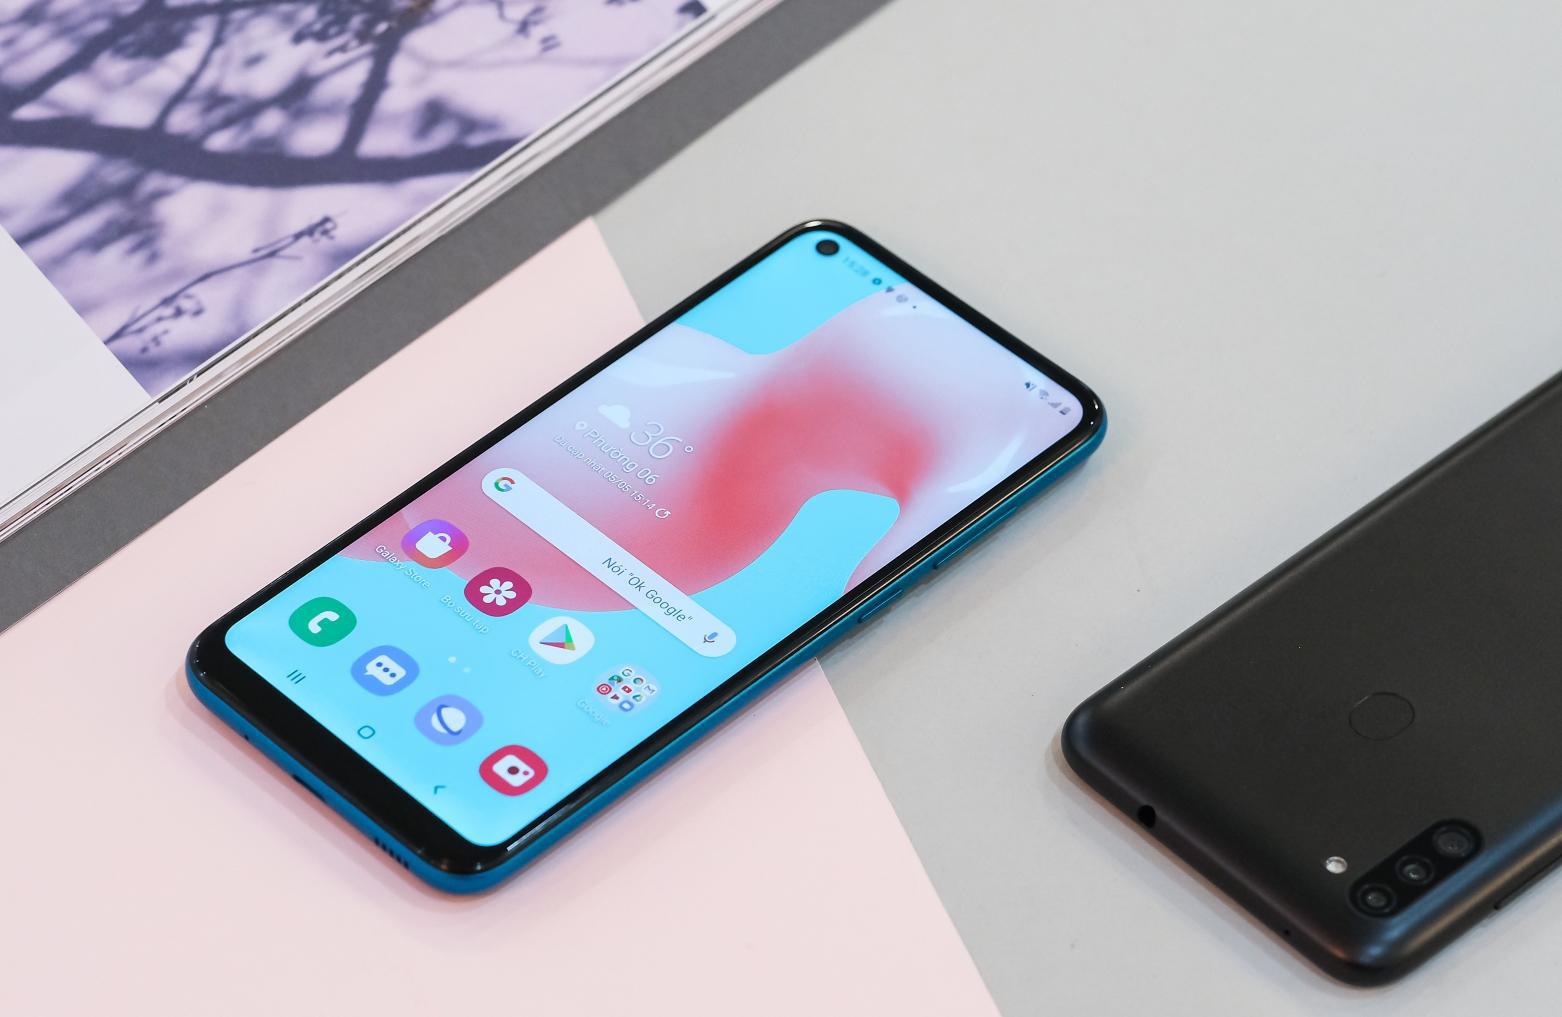 Đã qua thời smartphone giá hơn 3 triệu mà pin chỉ 2 - 3.000 mAh, Galaxy M11 có pin 5.000 mAh đây này - Ảnh 1.